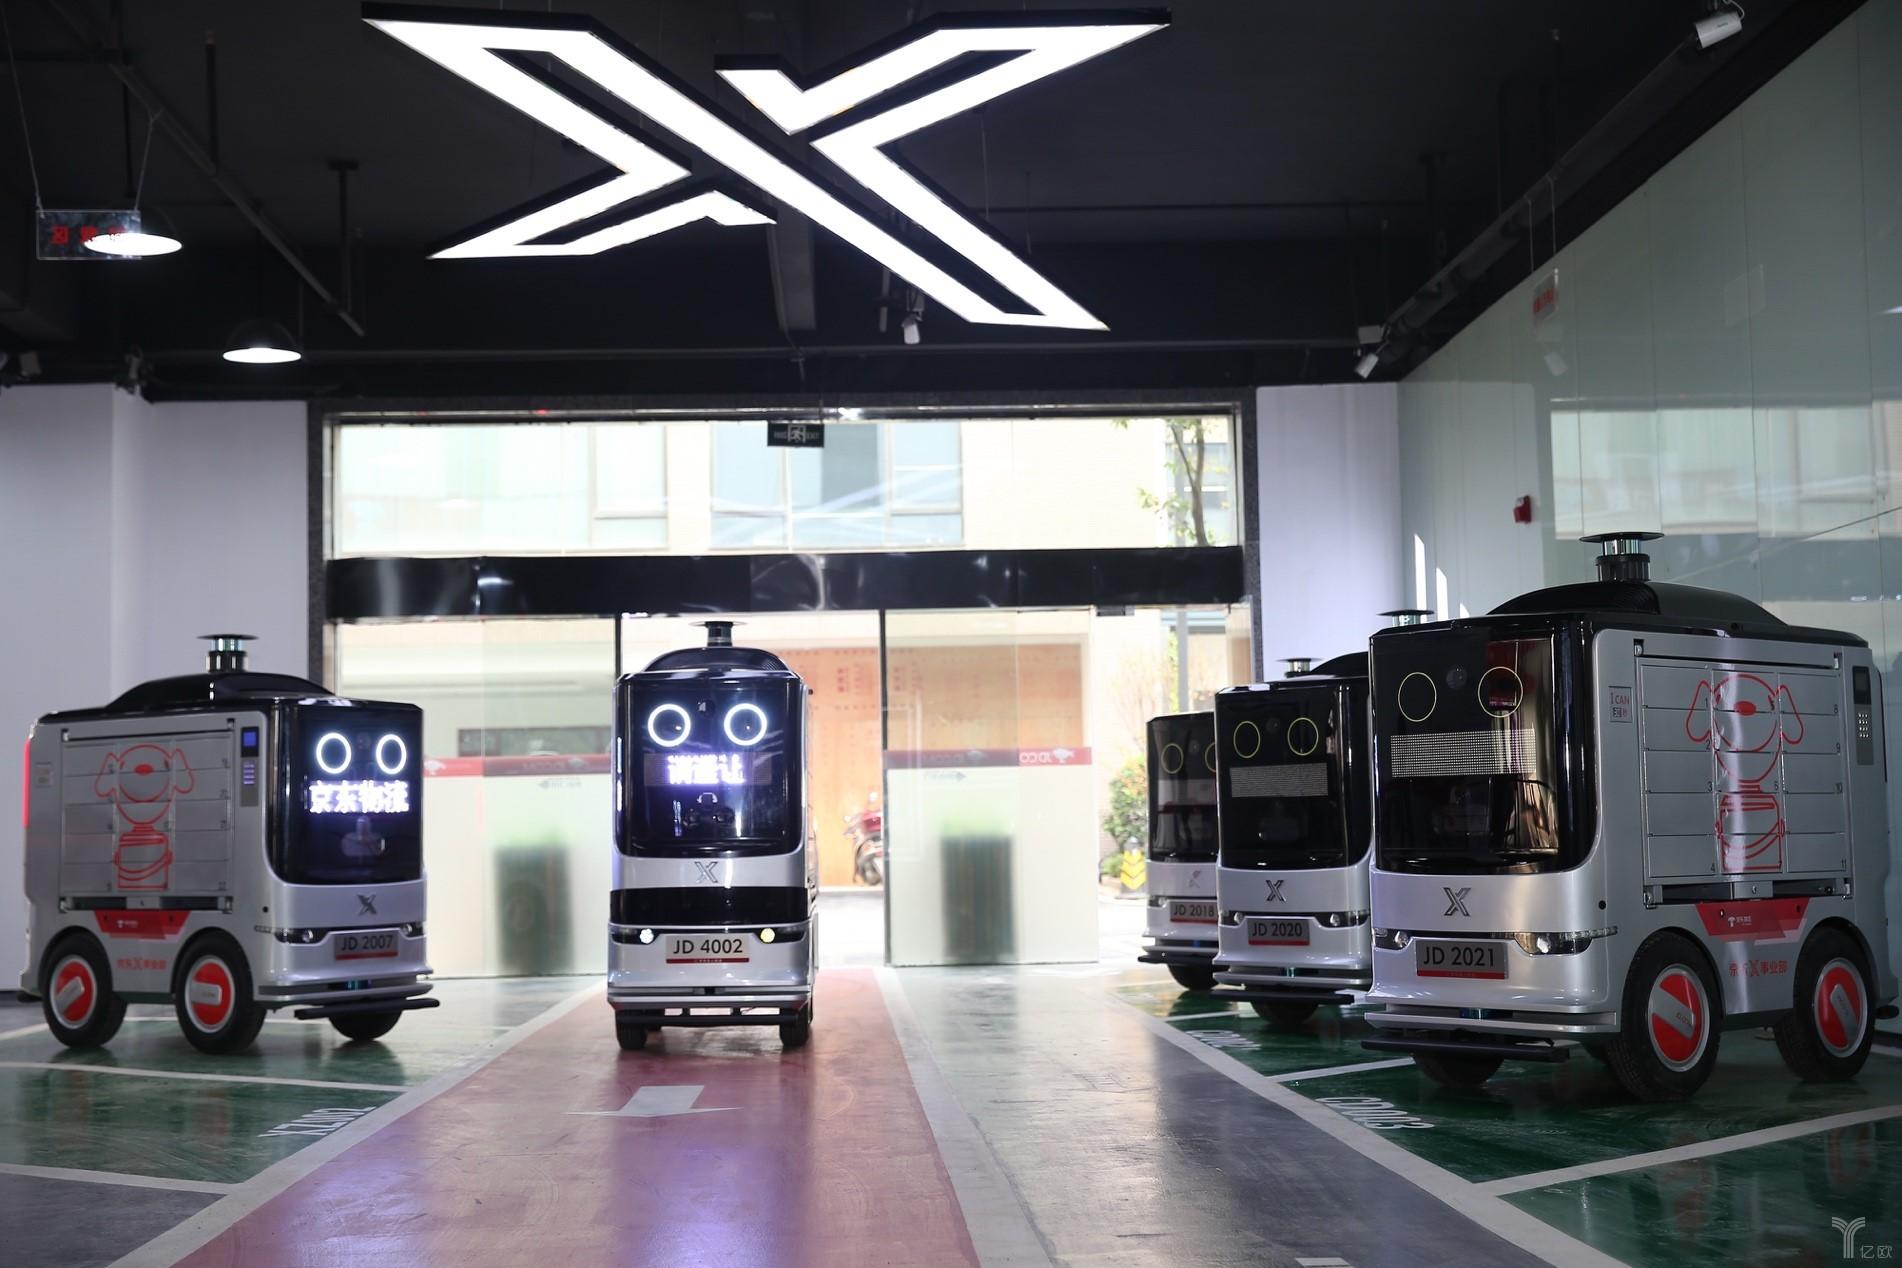 贝斯特BSTBET.COM_京东配送机器人,机器人餐厅,X未来餐厅,智慧餐厅